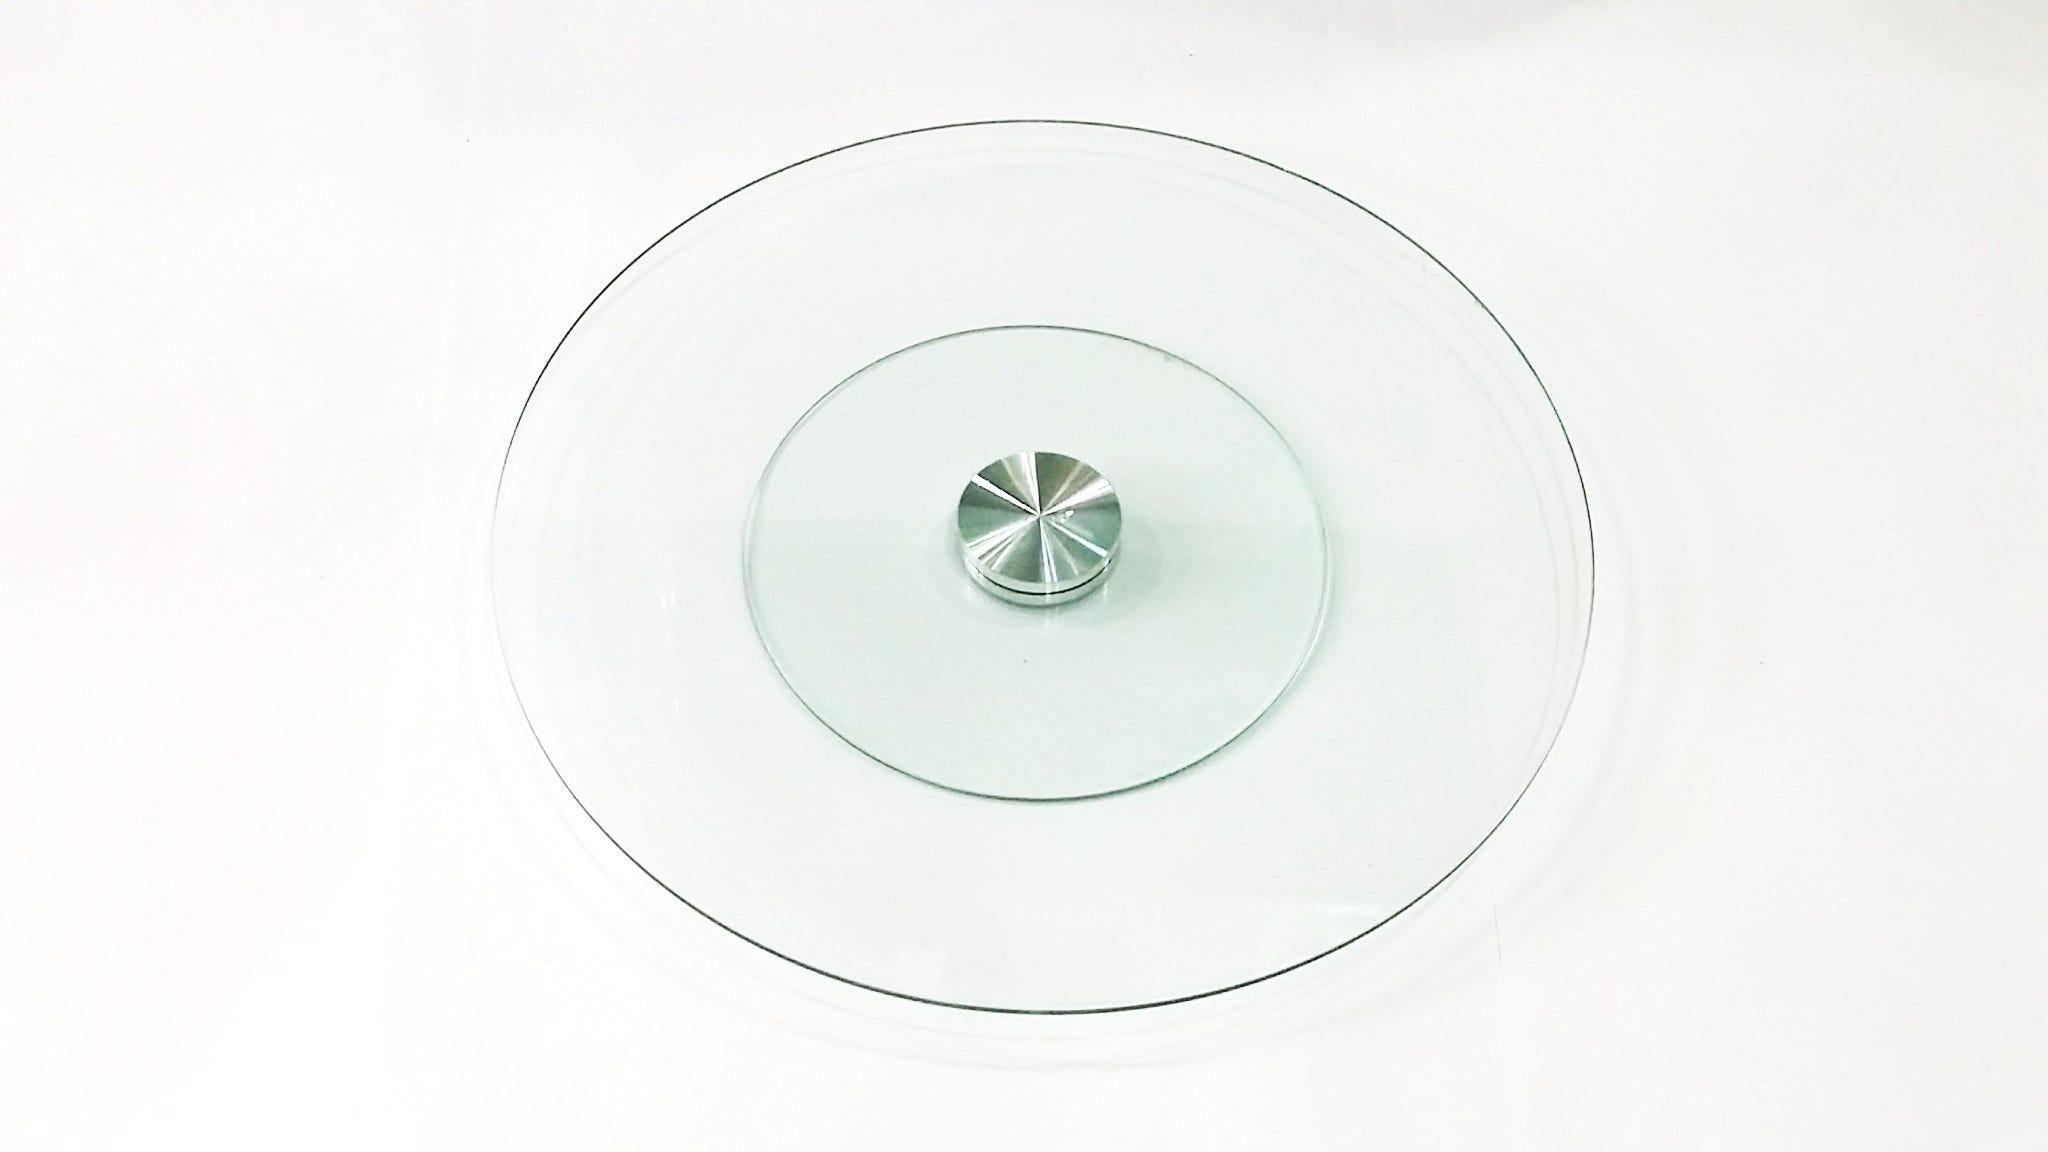 Base giratoria de vidrio Reimart de 59.69 cm